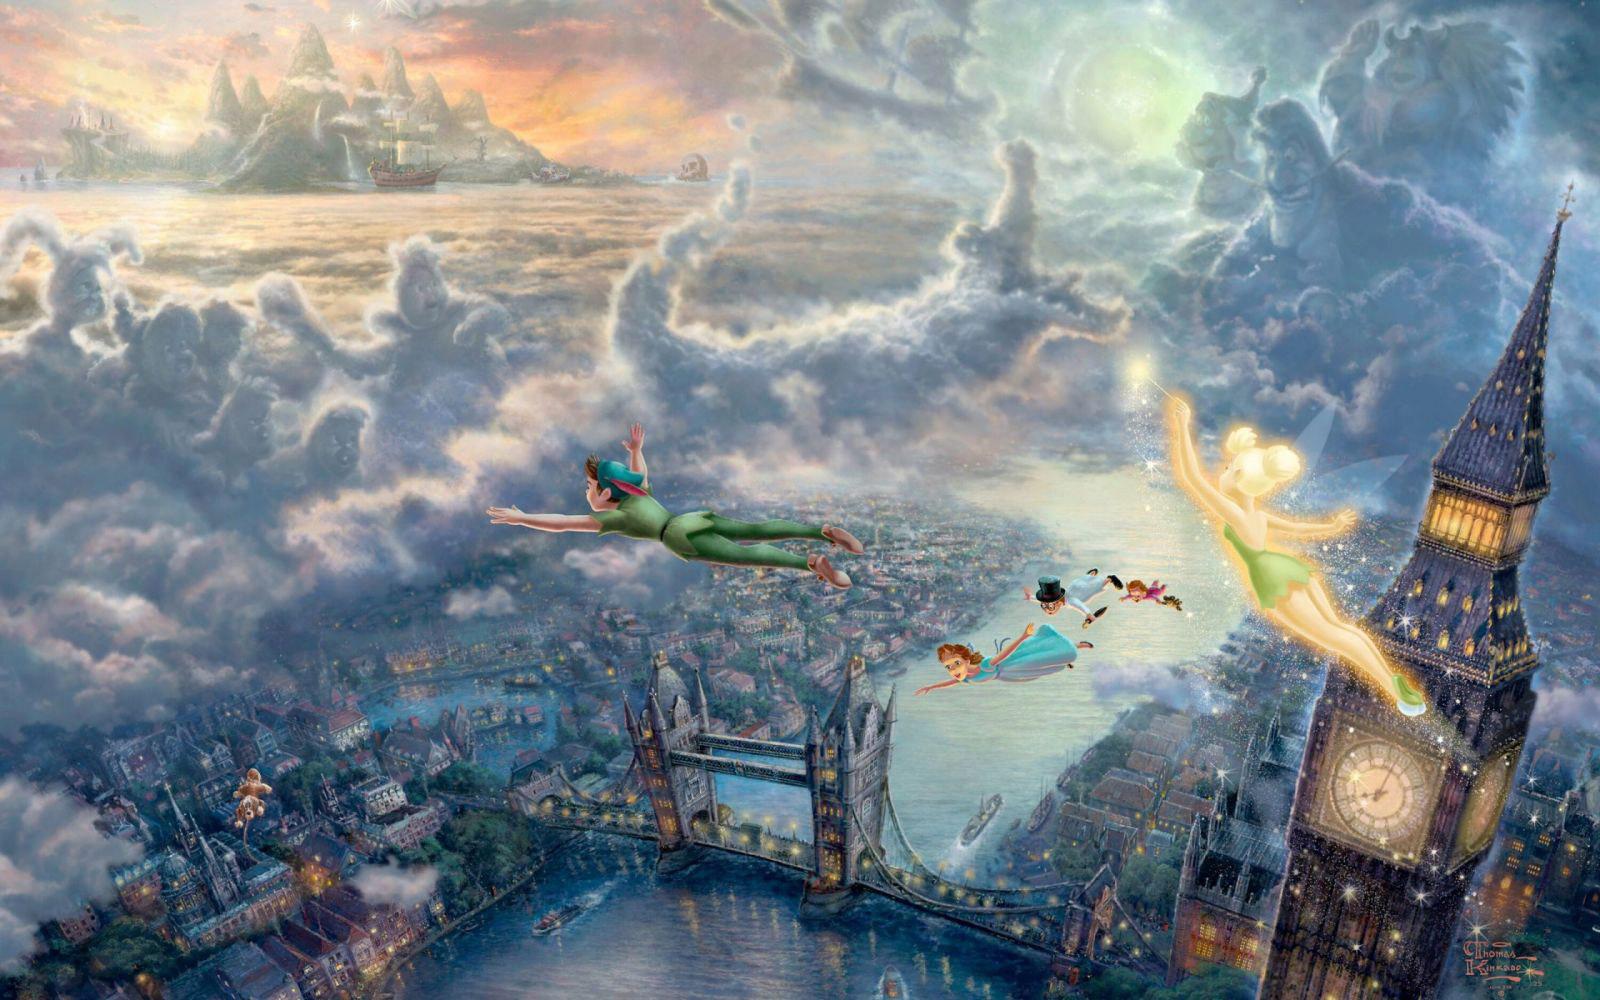 倫敦塔橋Tower Bridge河畔風景:超經典彼得潘和溫蒂、小精靈飛過倫敦塔橋的場景